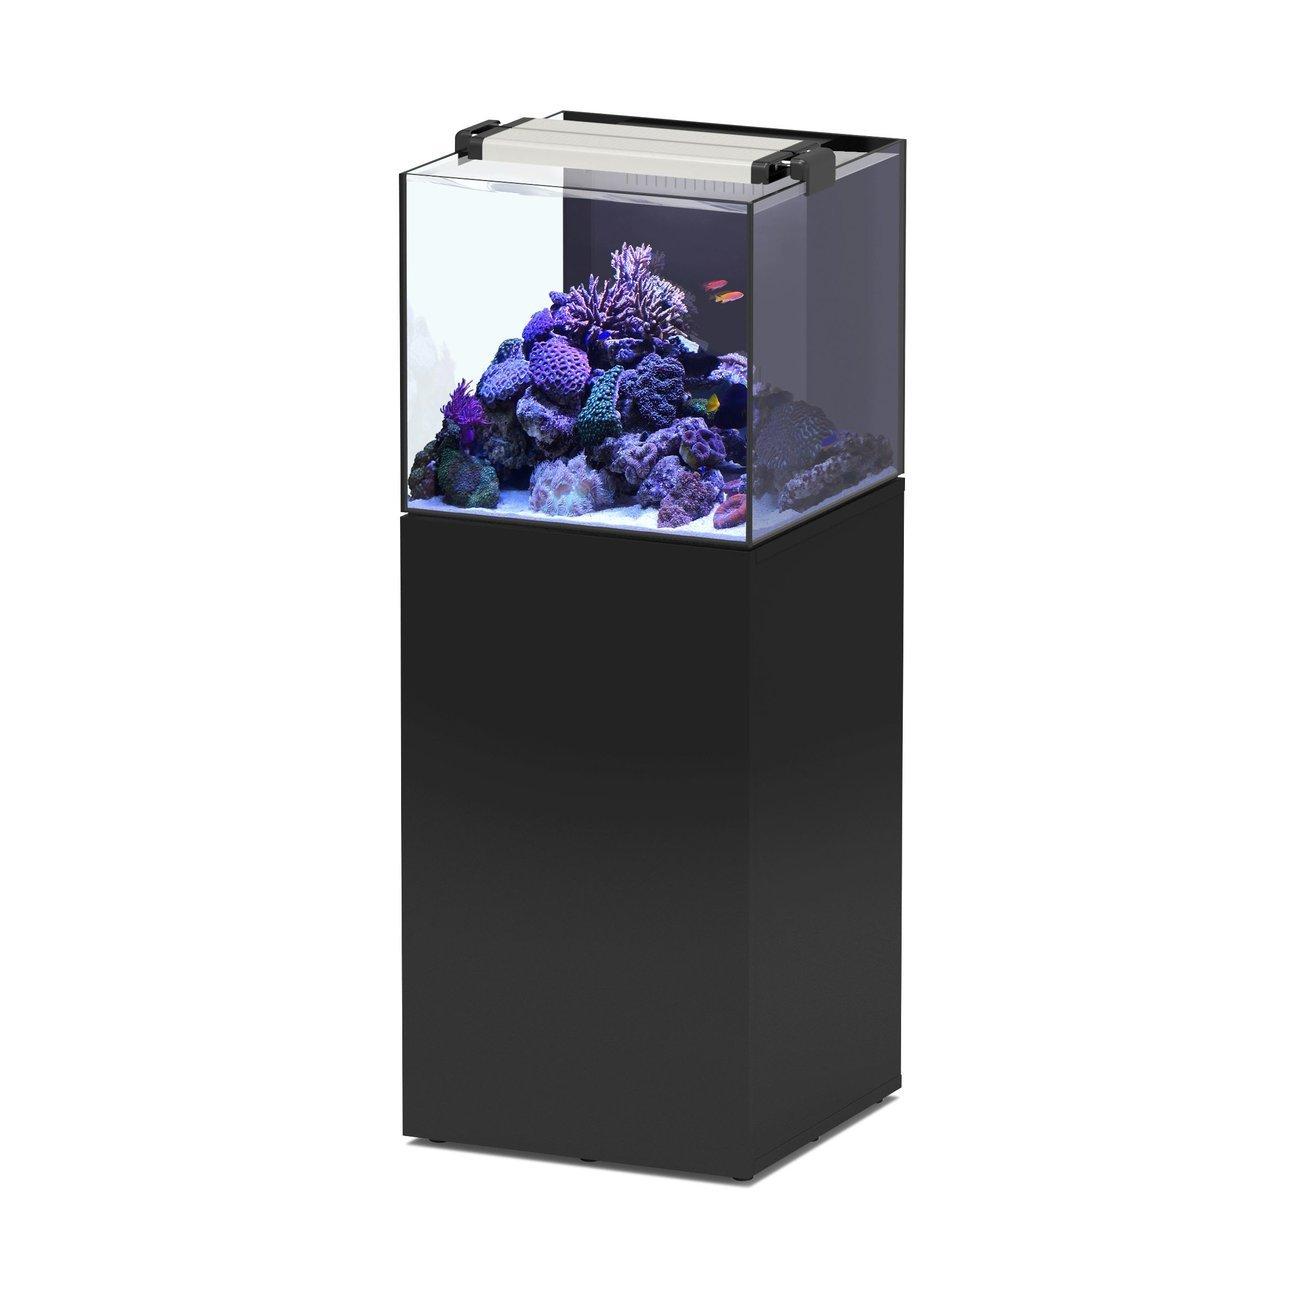 Aquatlantis AquaView 50 mit Unterschrank, Bild 3